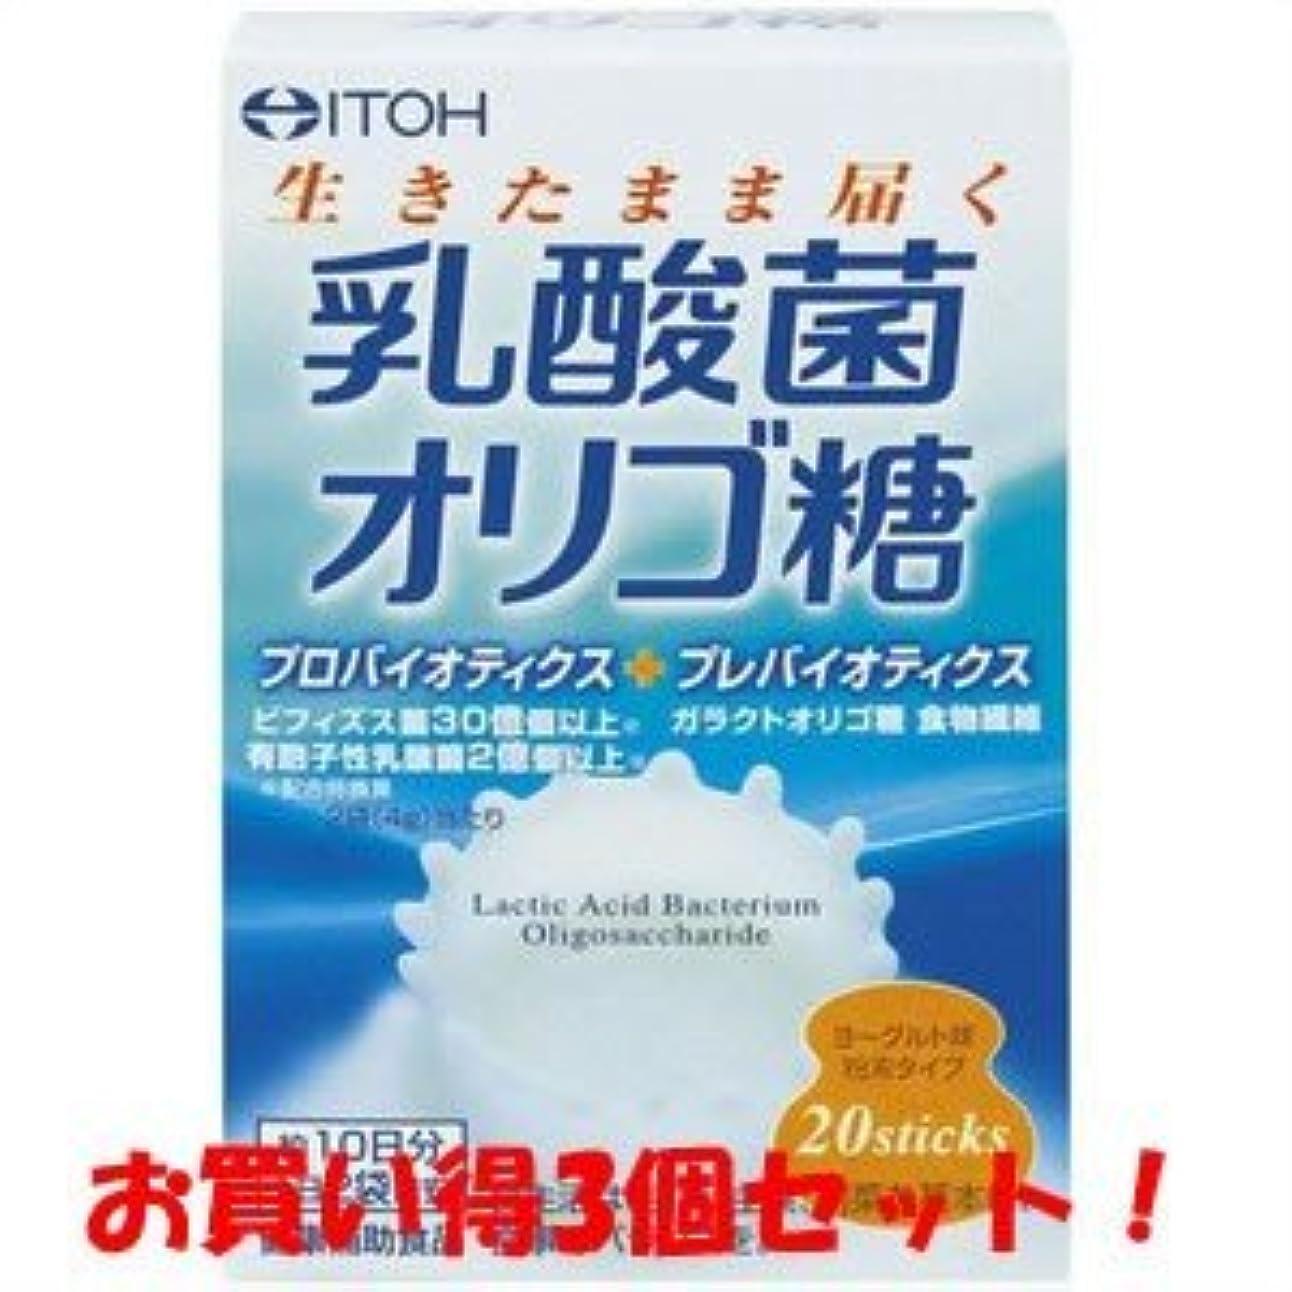 コンサルタントこしょう法令【井藤漢方製薬】乳酸菌オリゴ糖 40g(2g×20スティック)(お買い得3個セット)